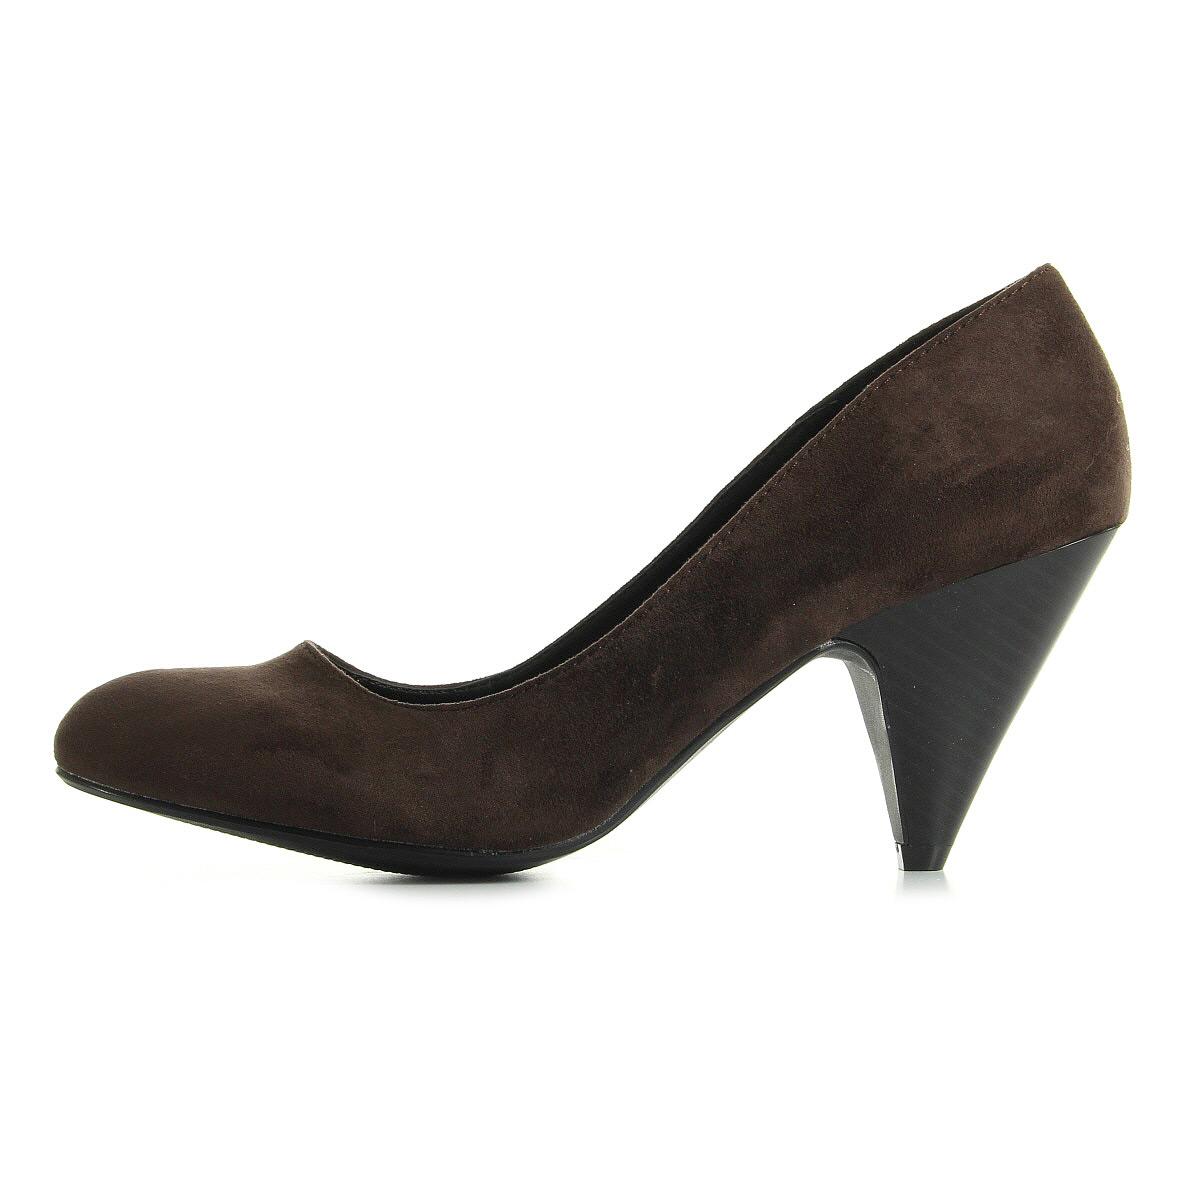 Chaussures Escarpins La Redoute Cr Ation Femme Escarpins Taille Marron Ebay